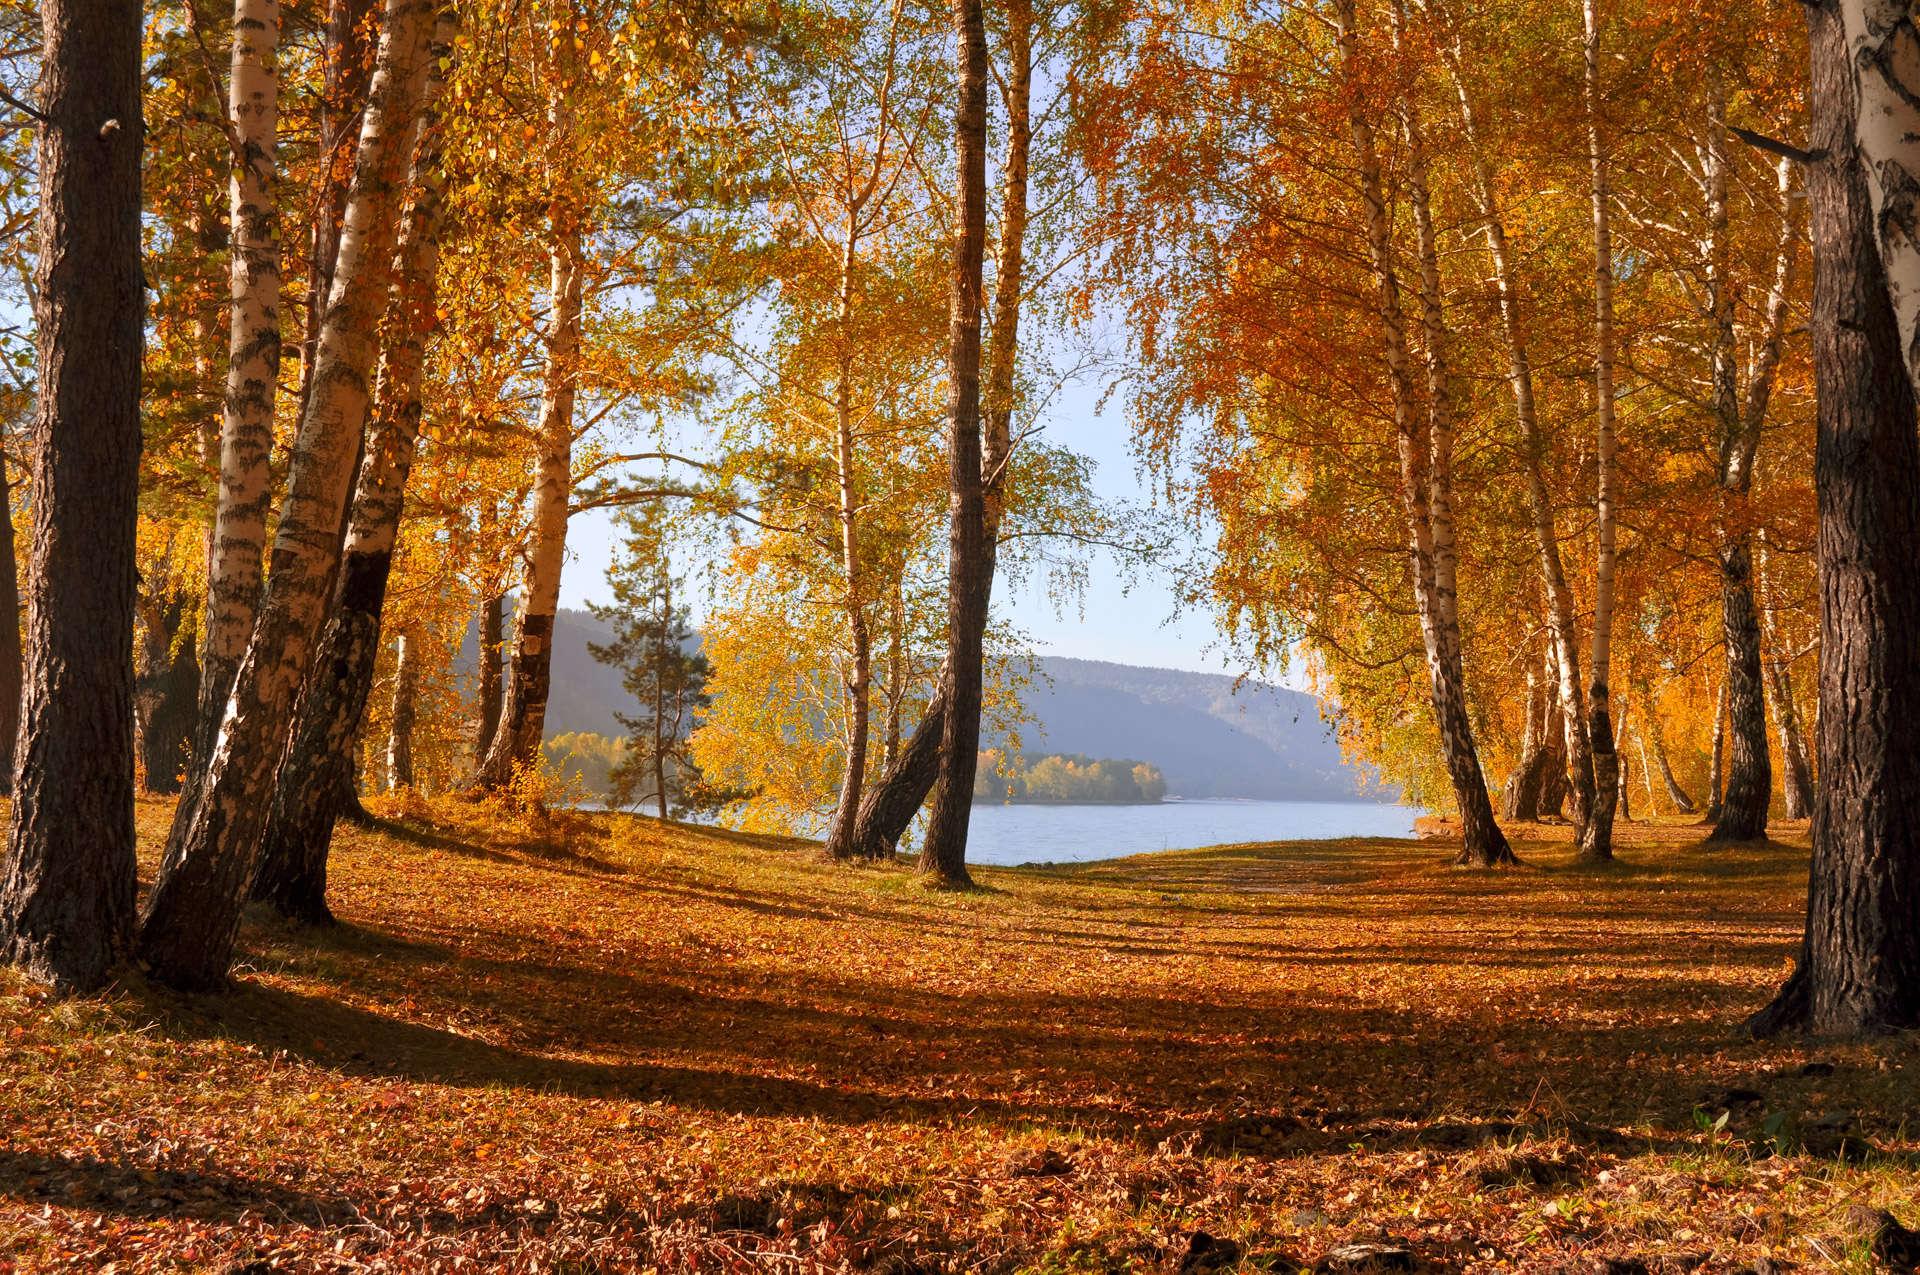 StockKosh-forest-autumn-forest-1351265582Bf1